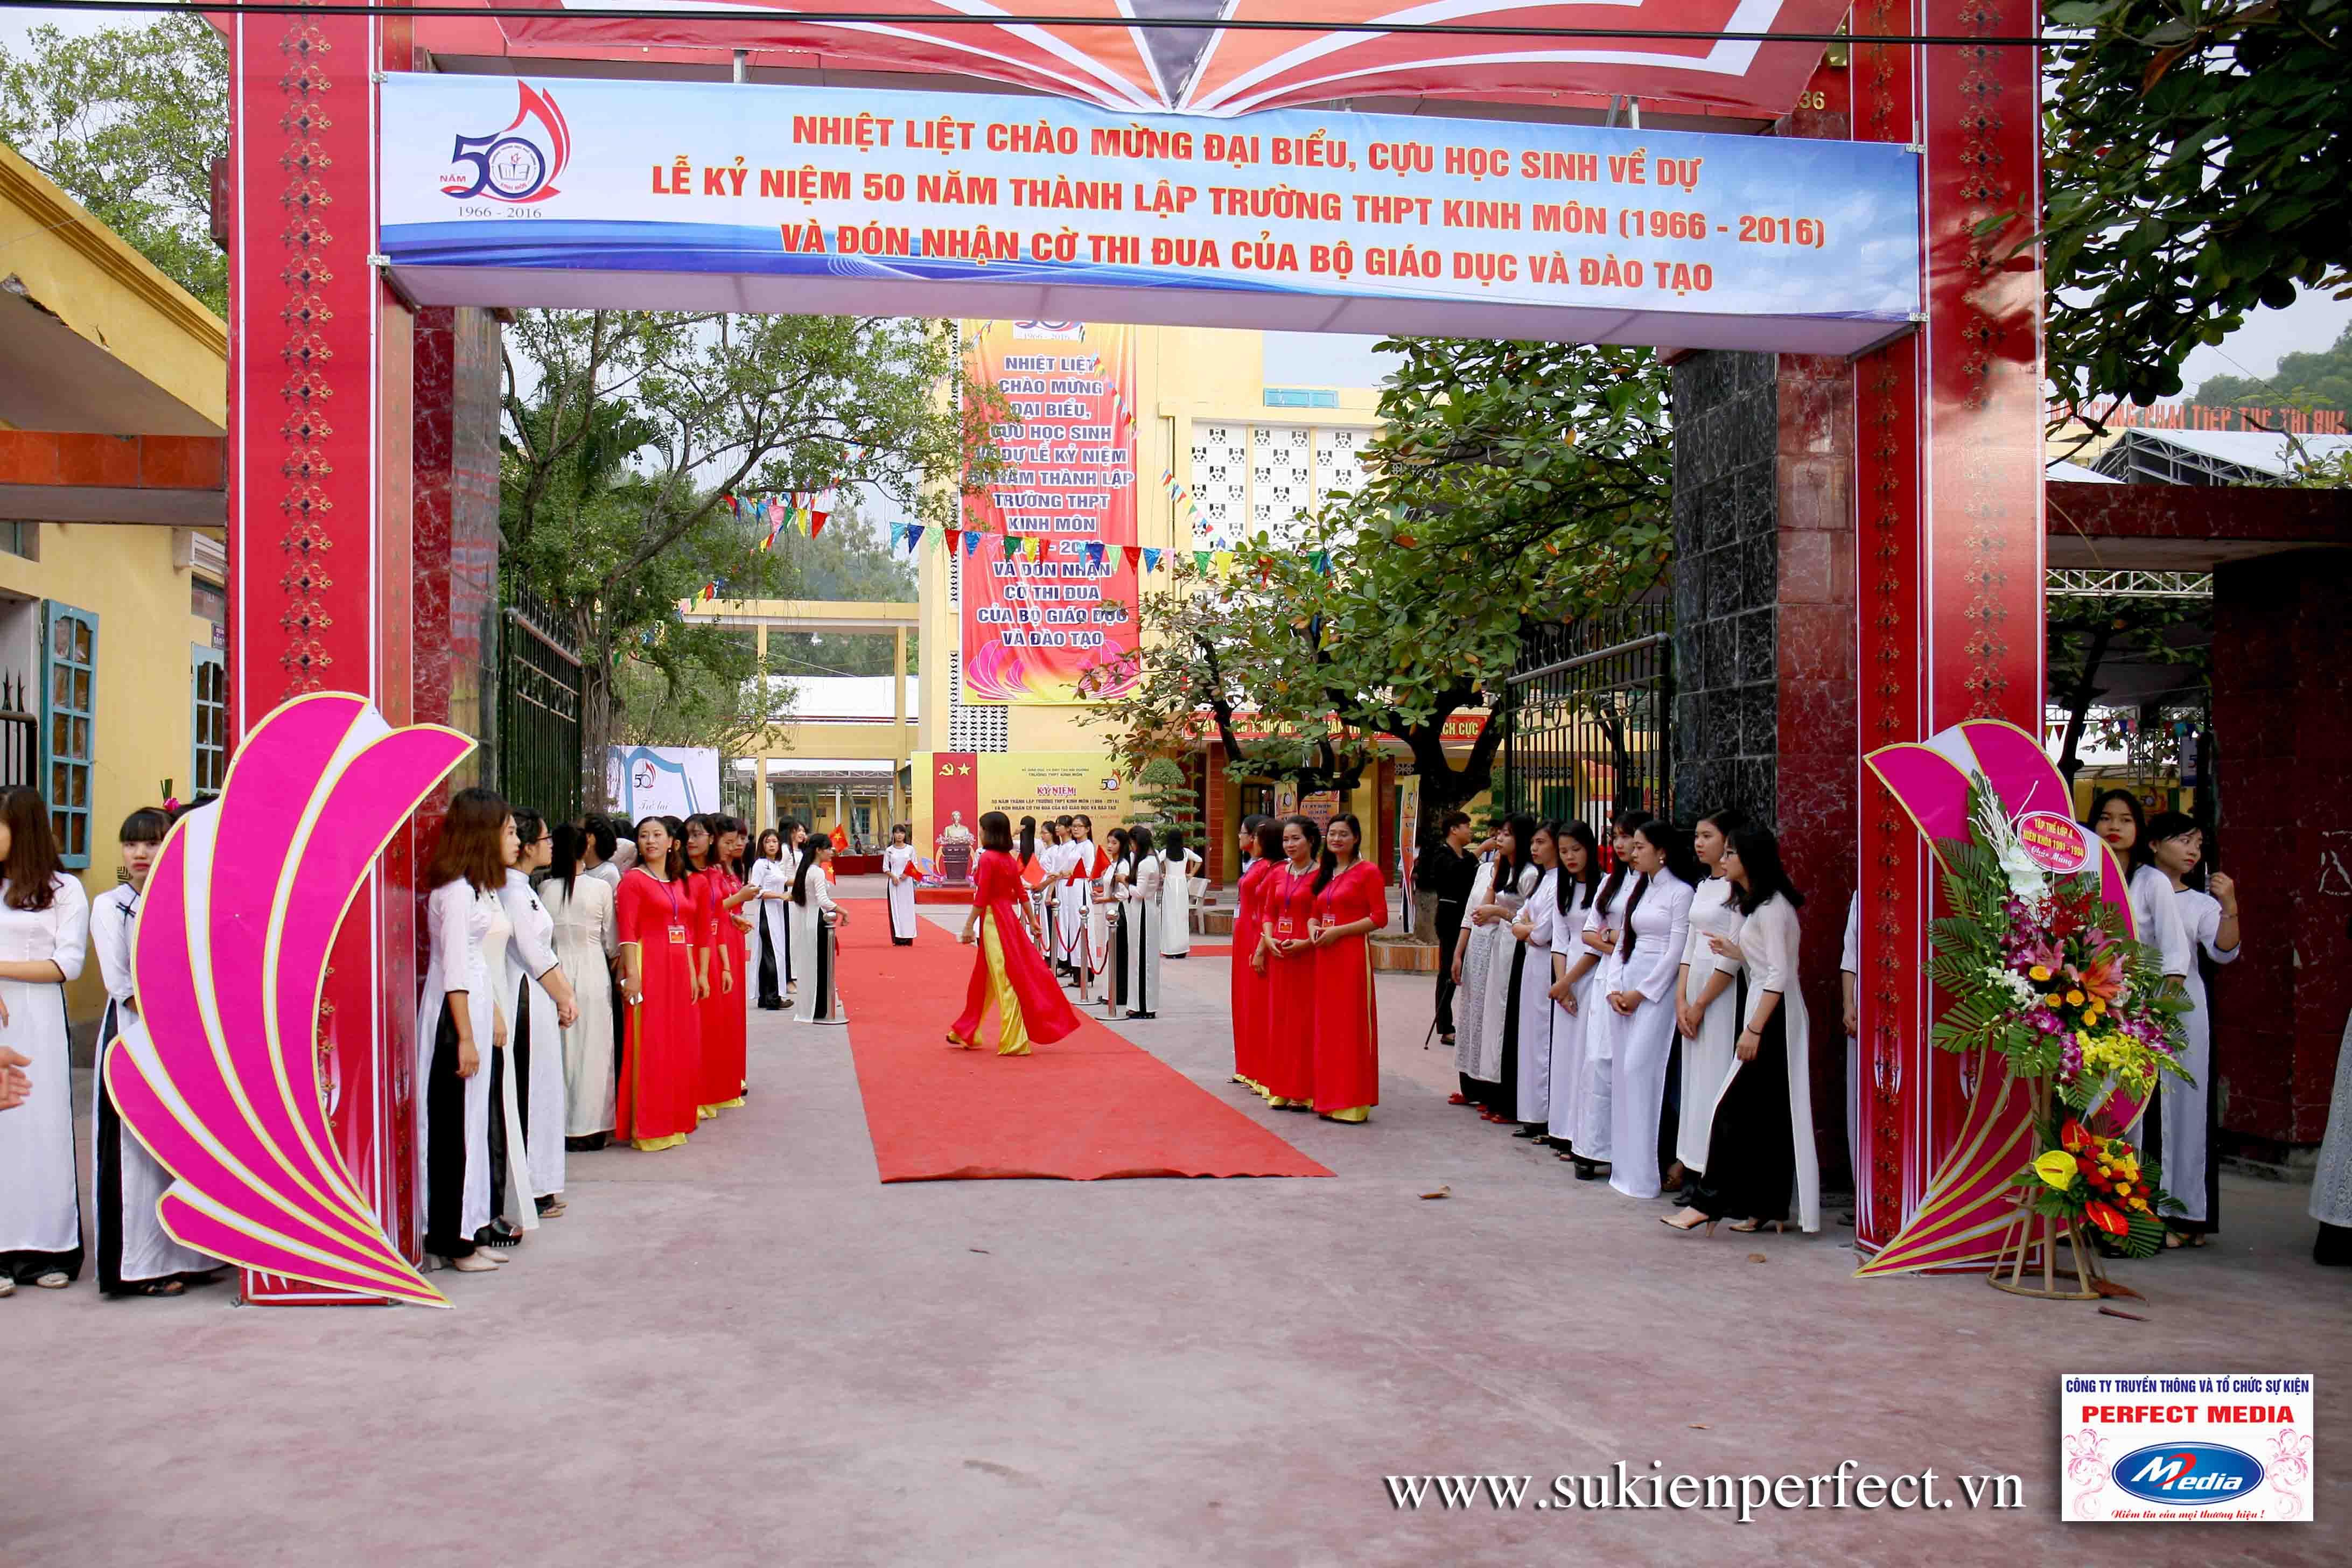 Khu vực cổng của lễ kỷ niệm 50 năm thành lập trường THPT Kinh Môn